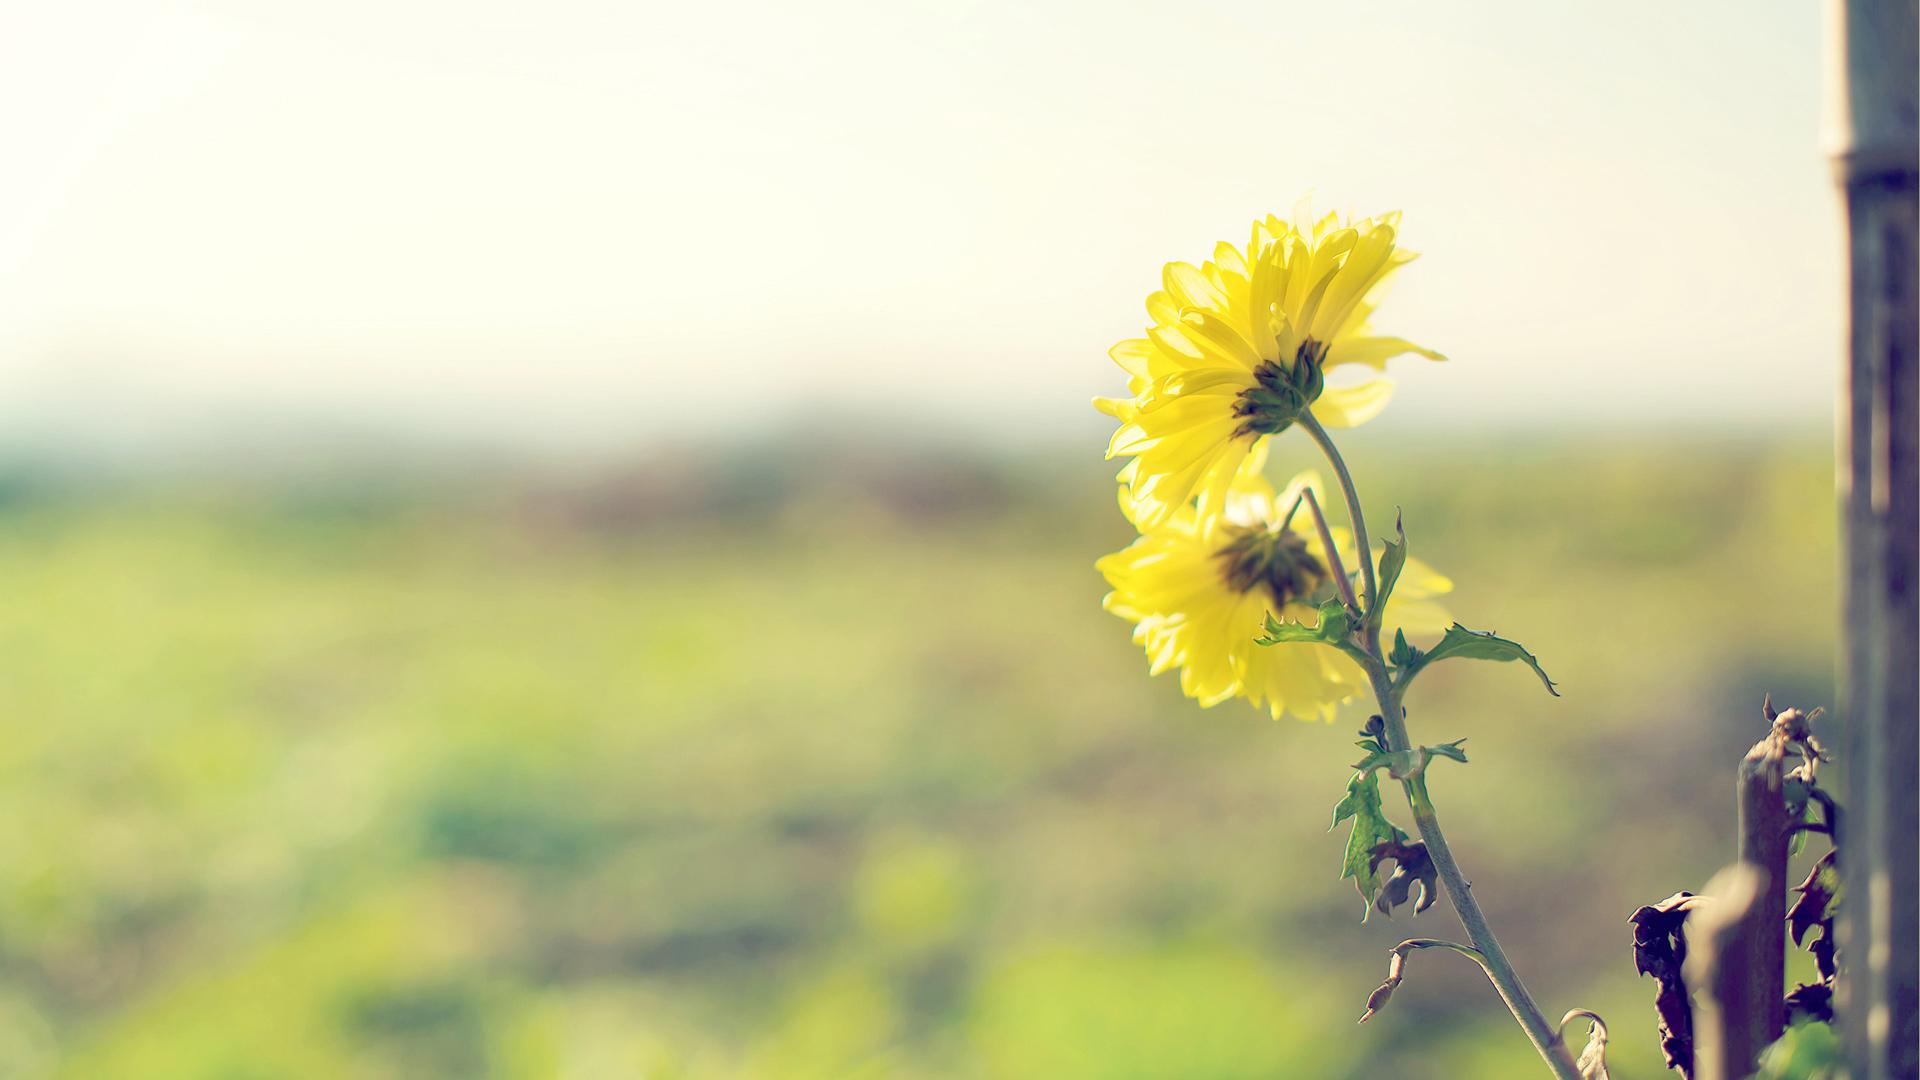 hình ảnh hoa cúc